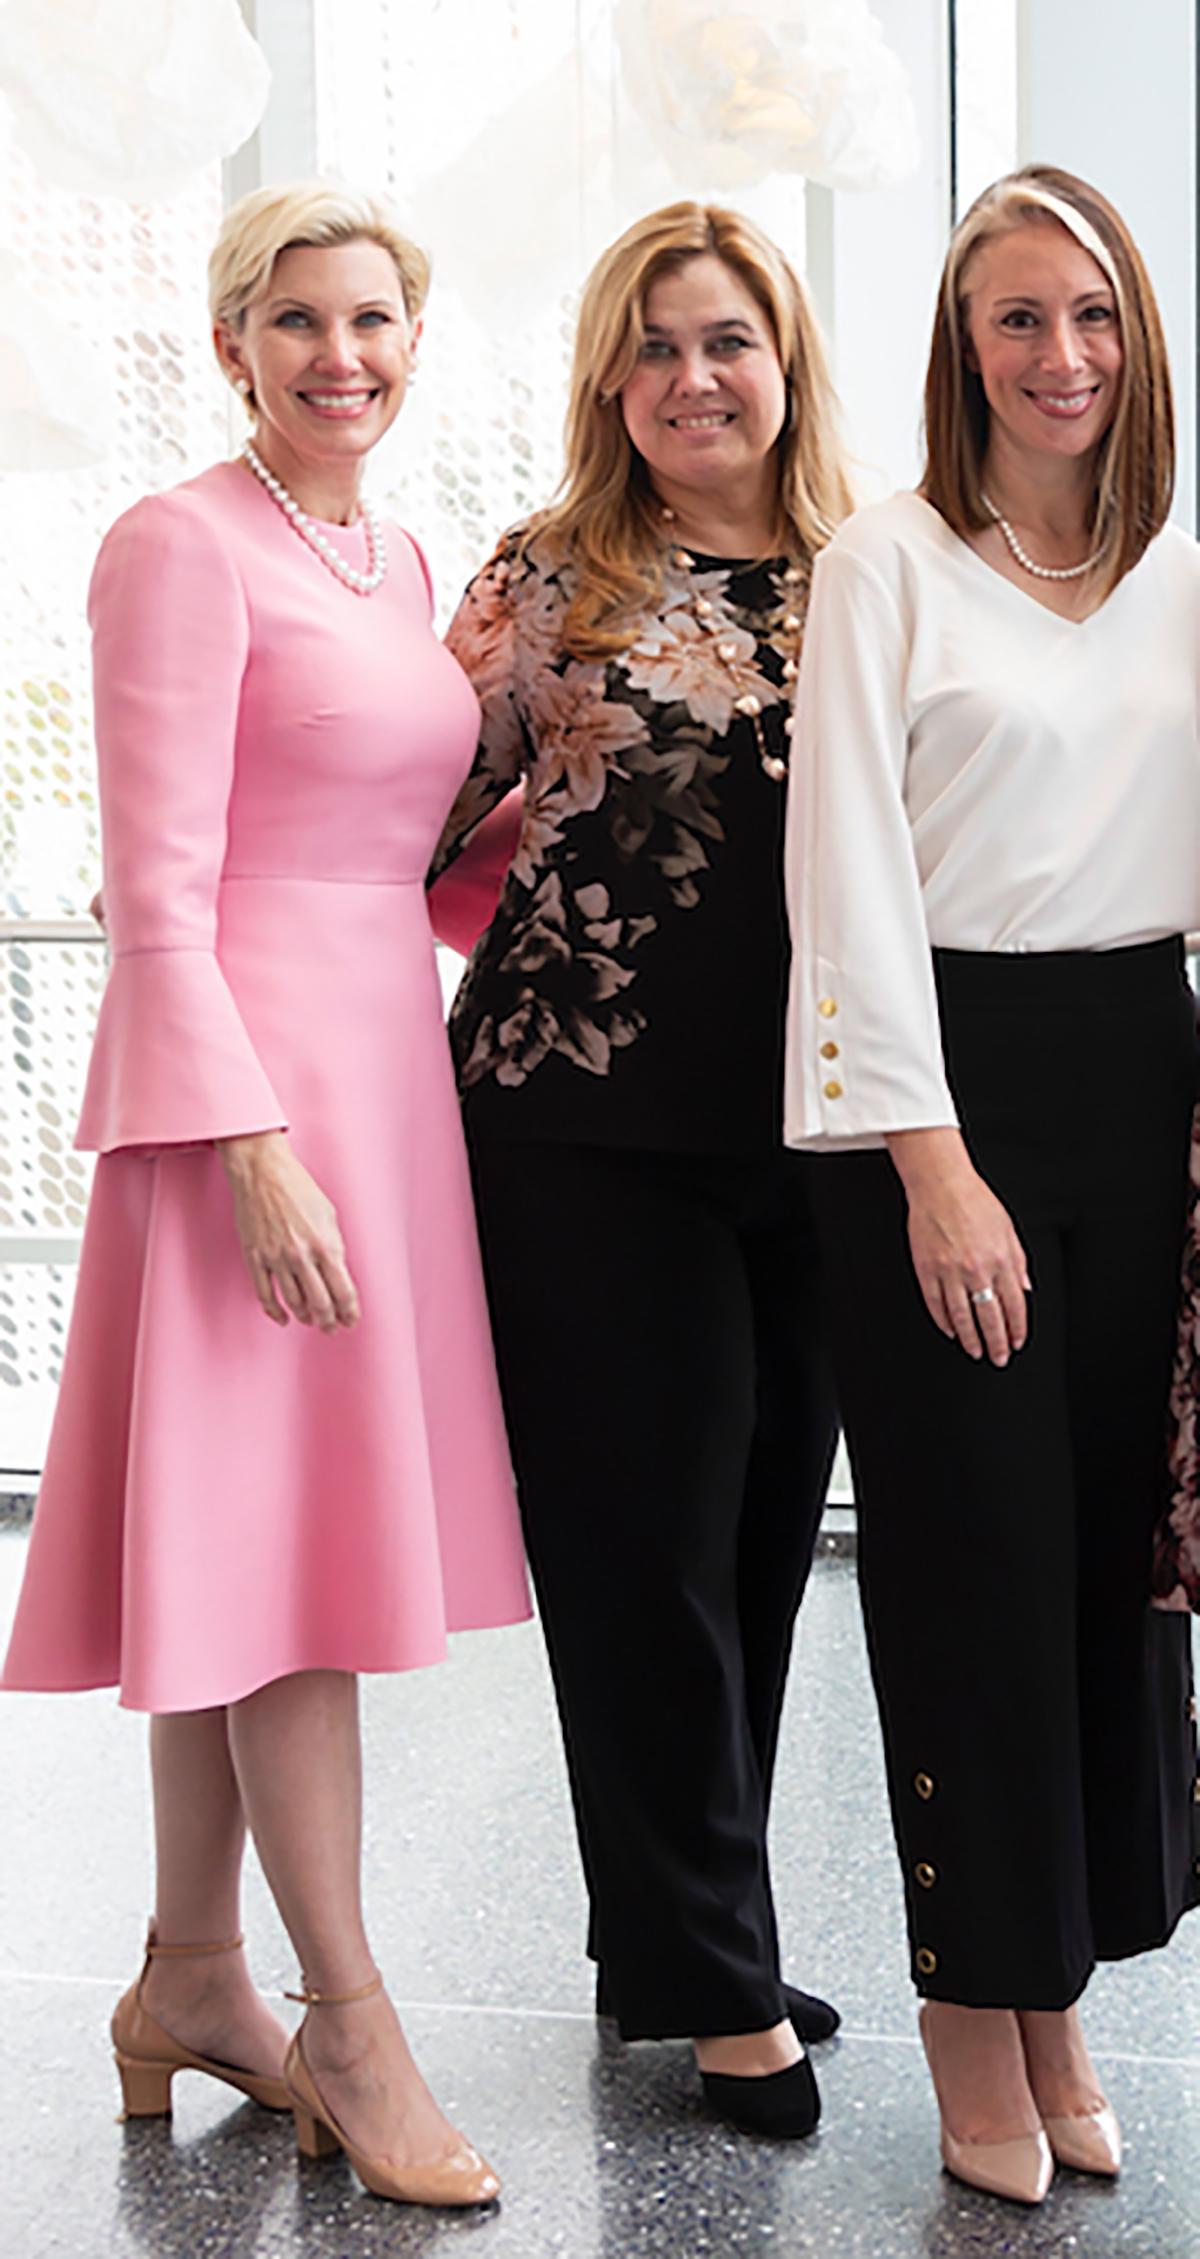 Karen Lee Zachry, Lisa Westmoreland and Evin Nicole Eubanks